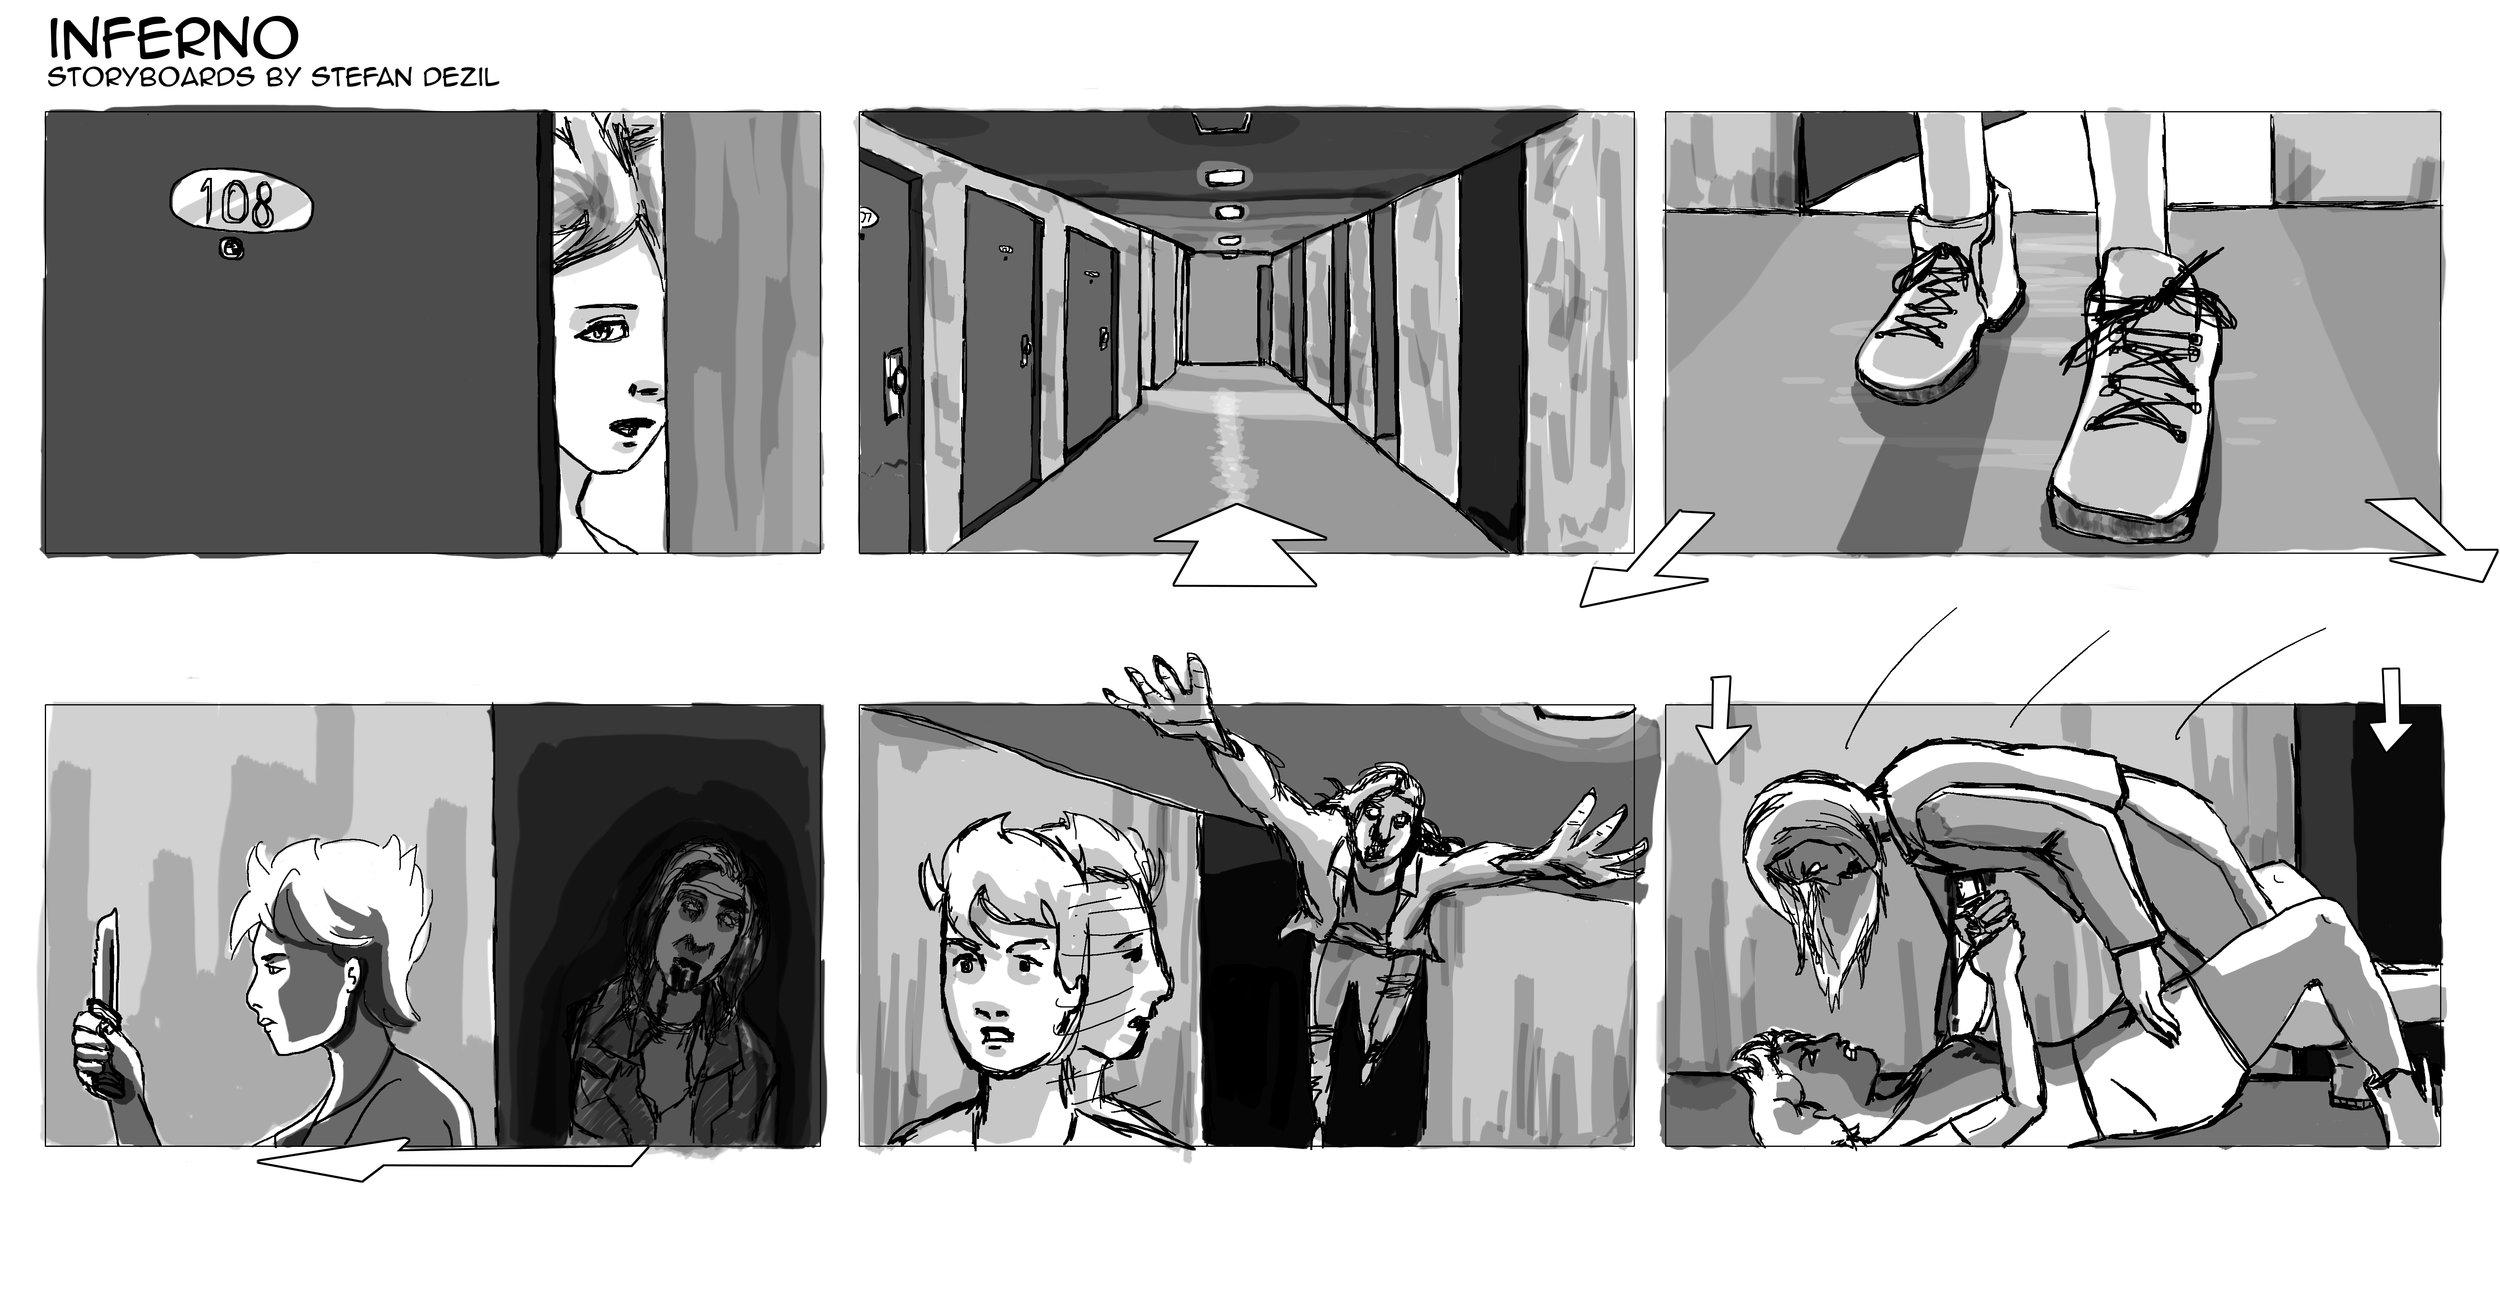 Inferno_storyboard.jpg